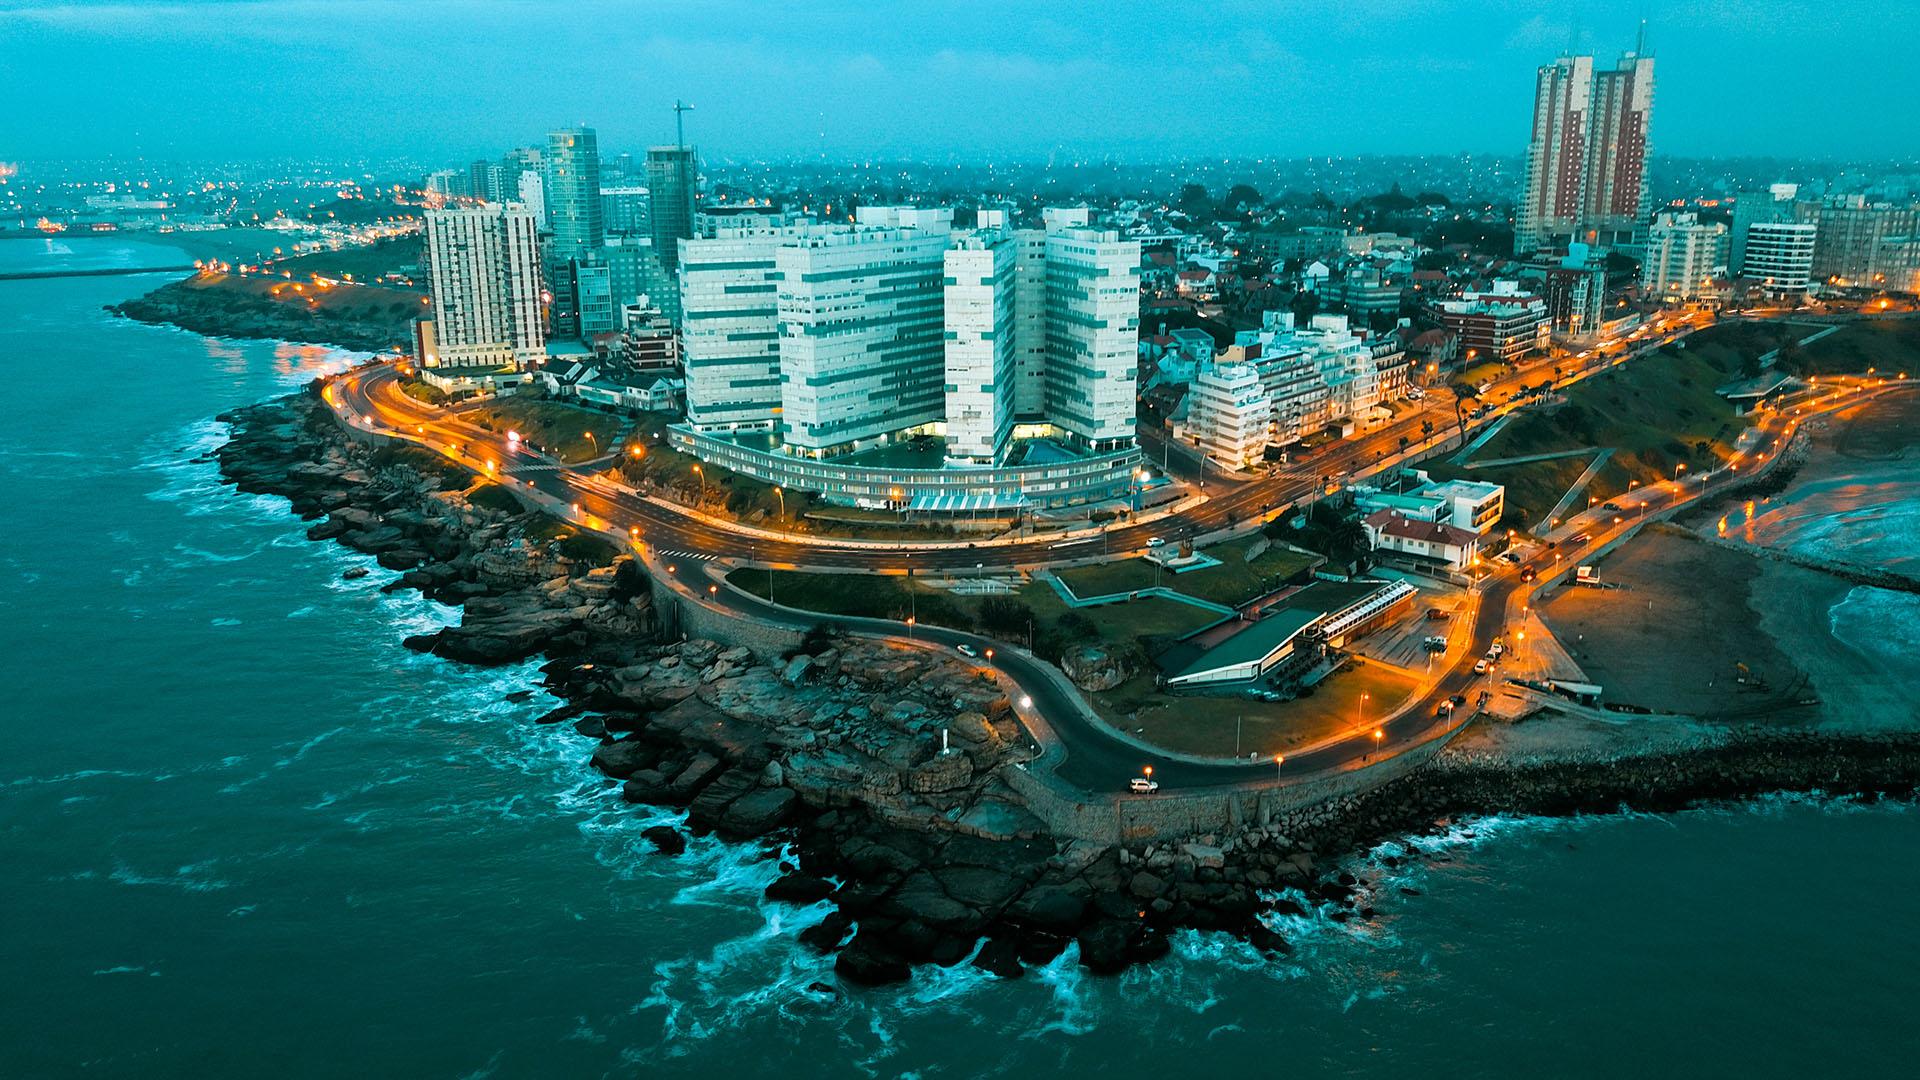 El cabo Corrientes es un saliente rocoso de la costa argentina, ubicado entre las playas Chica y Varese